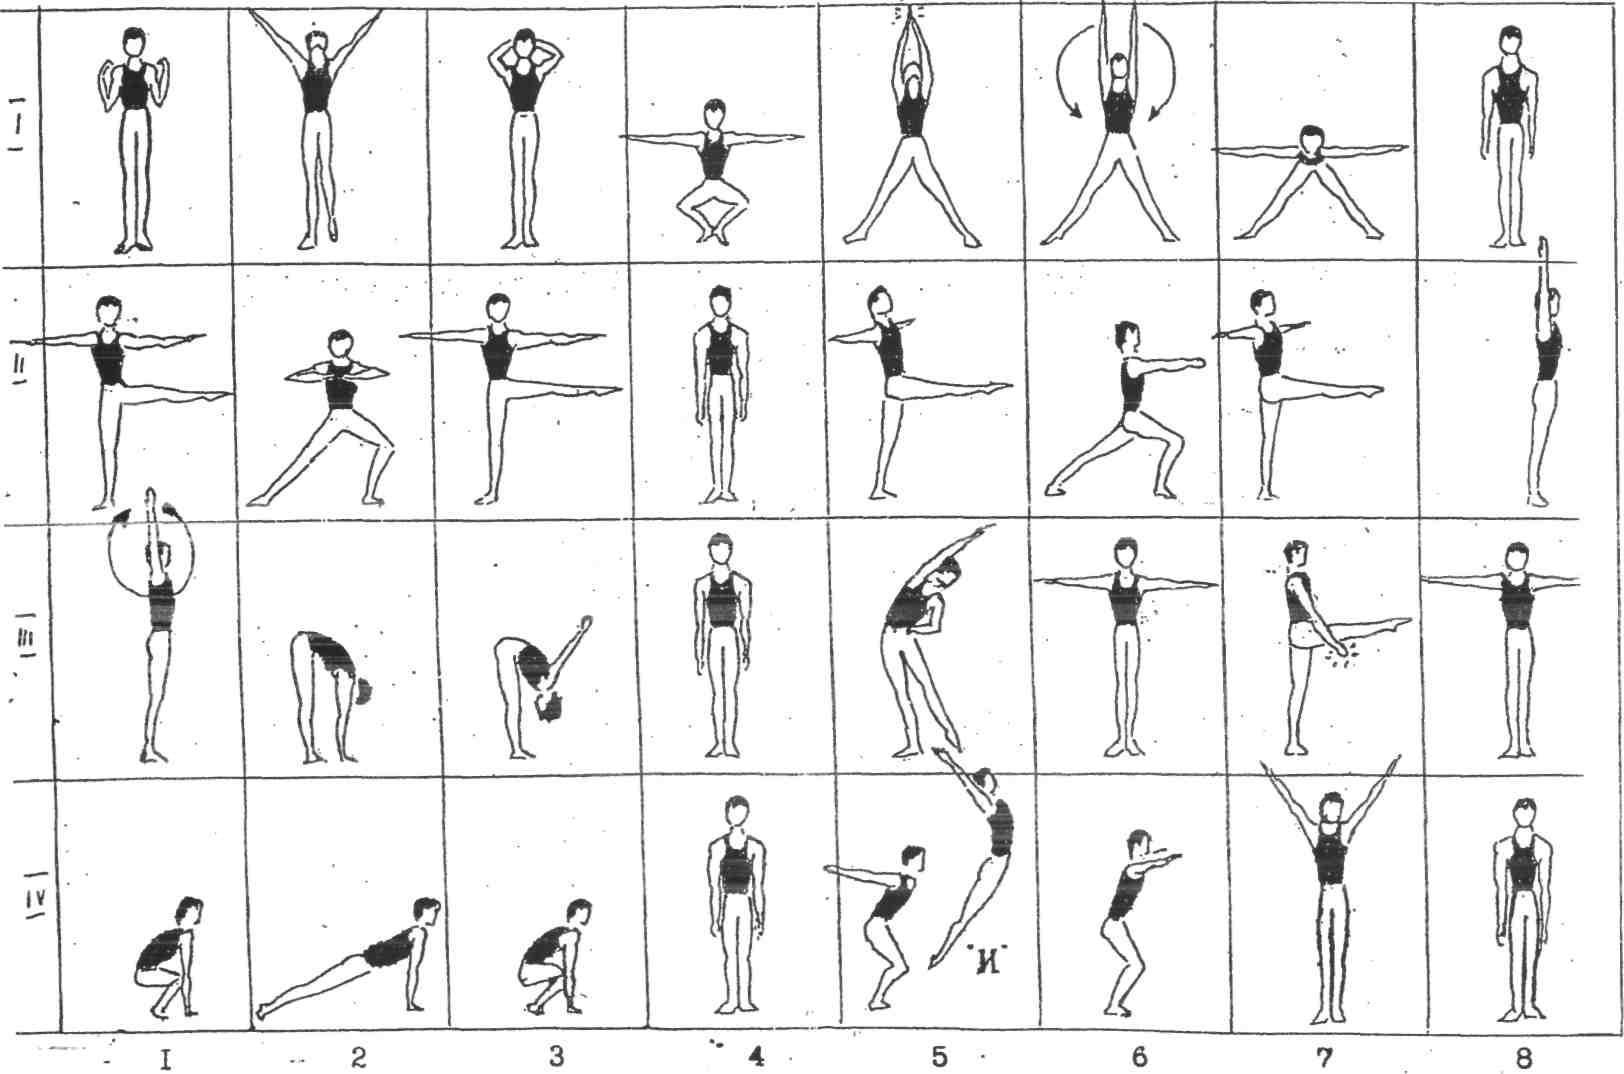 марьянова упражнения в гимнастике в картинках с описанием материал